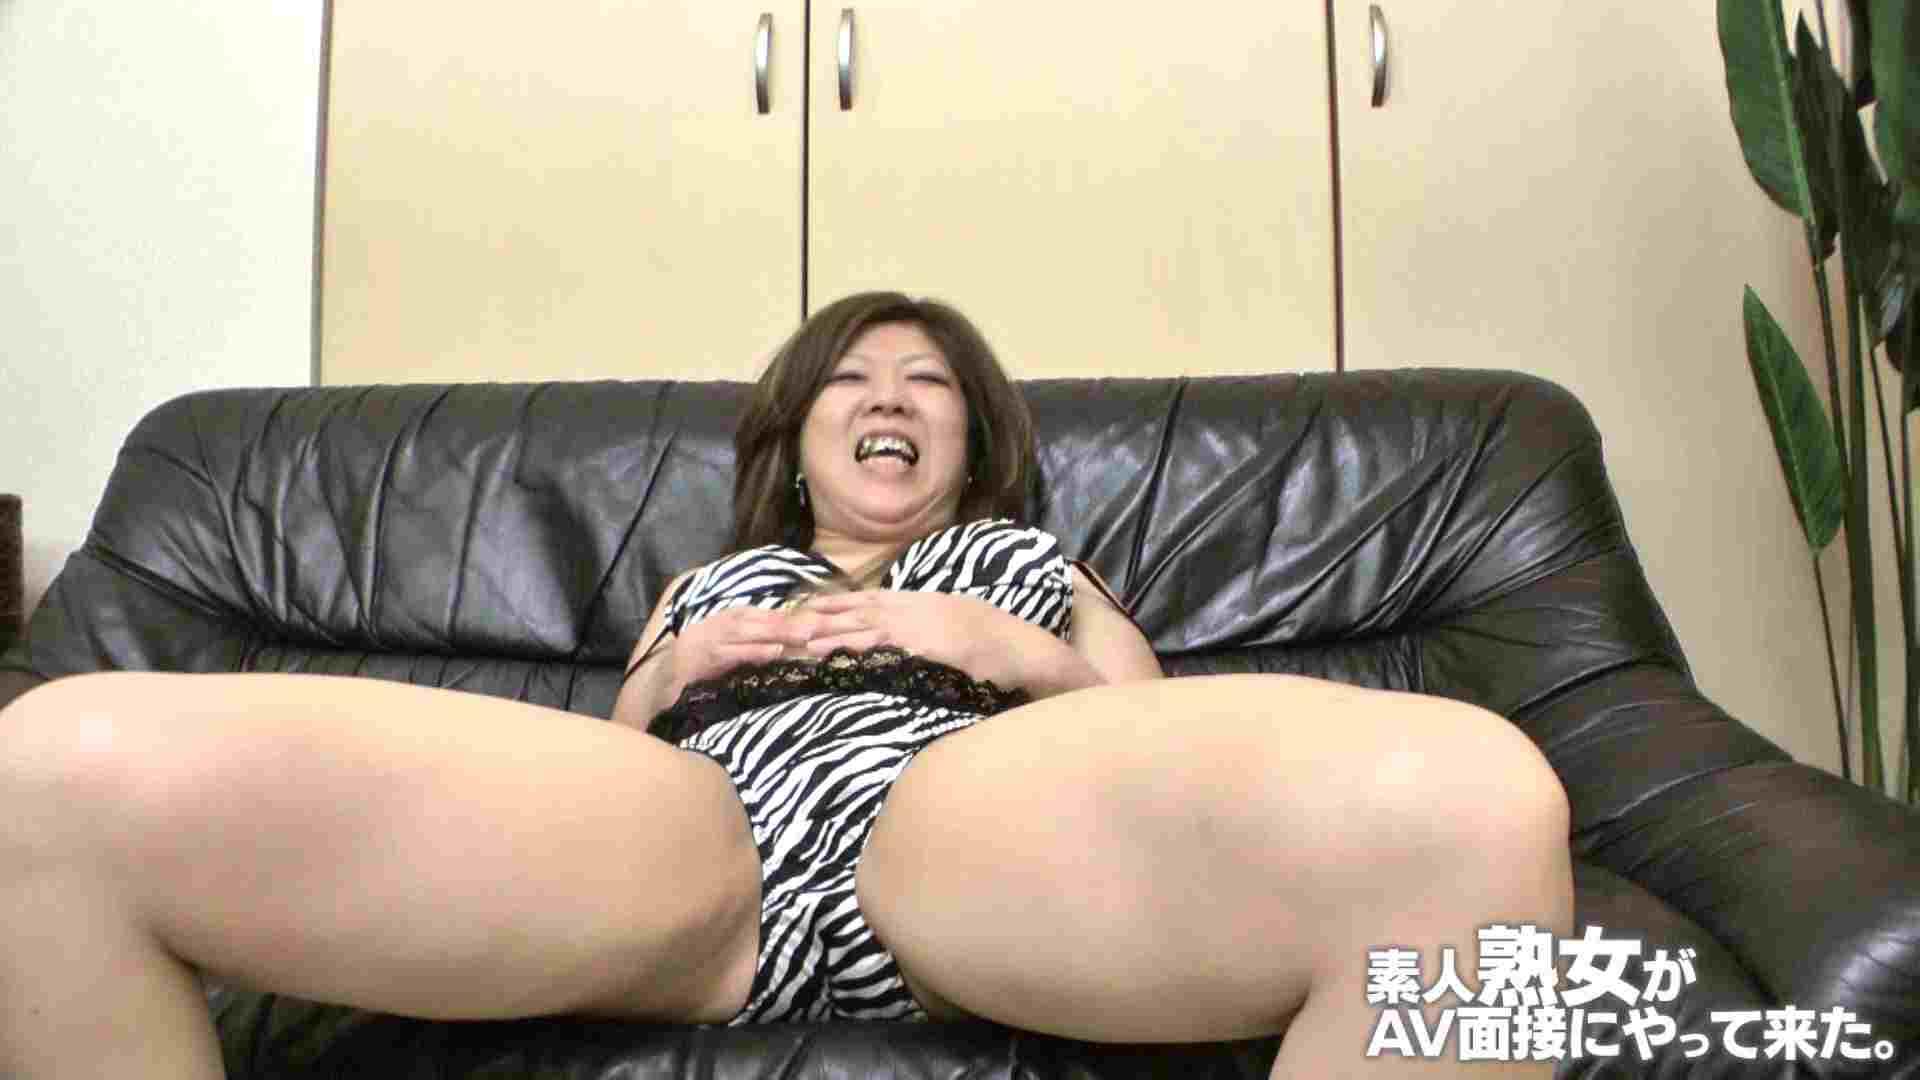 素人熟女がAV面接にやってきた (仮名)ゆかさんVOL.03 OL裸体 | 素人  52画像 38